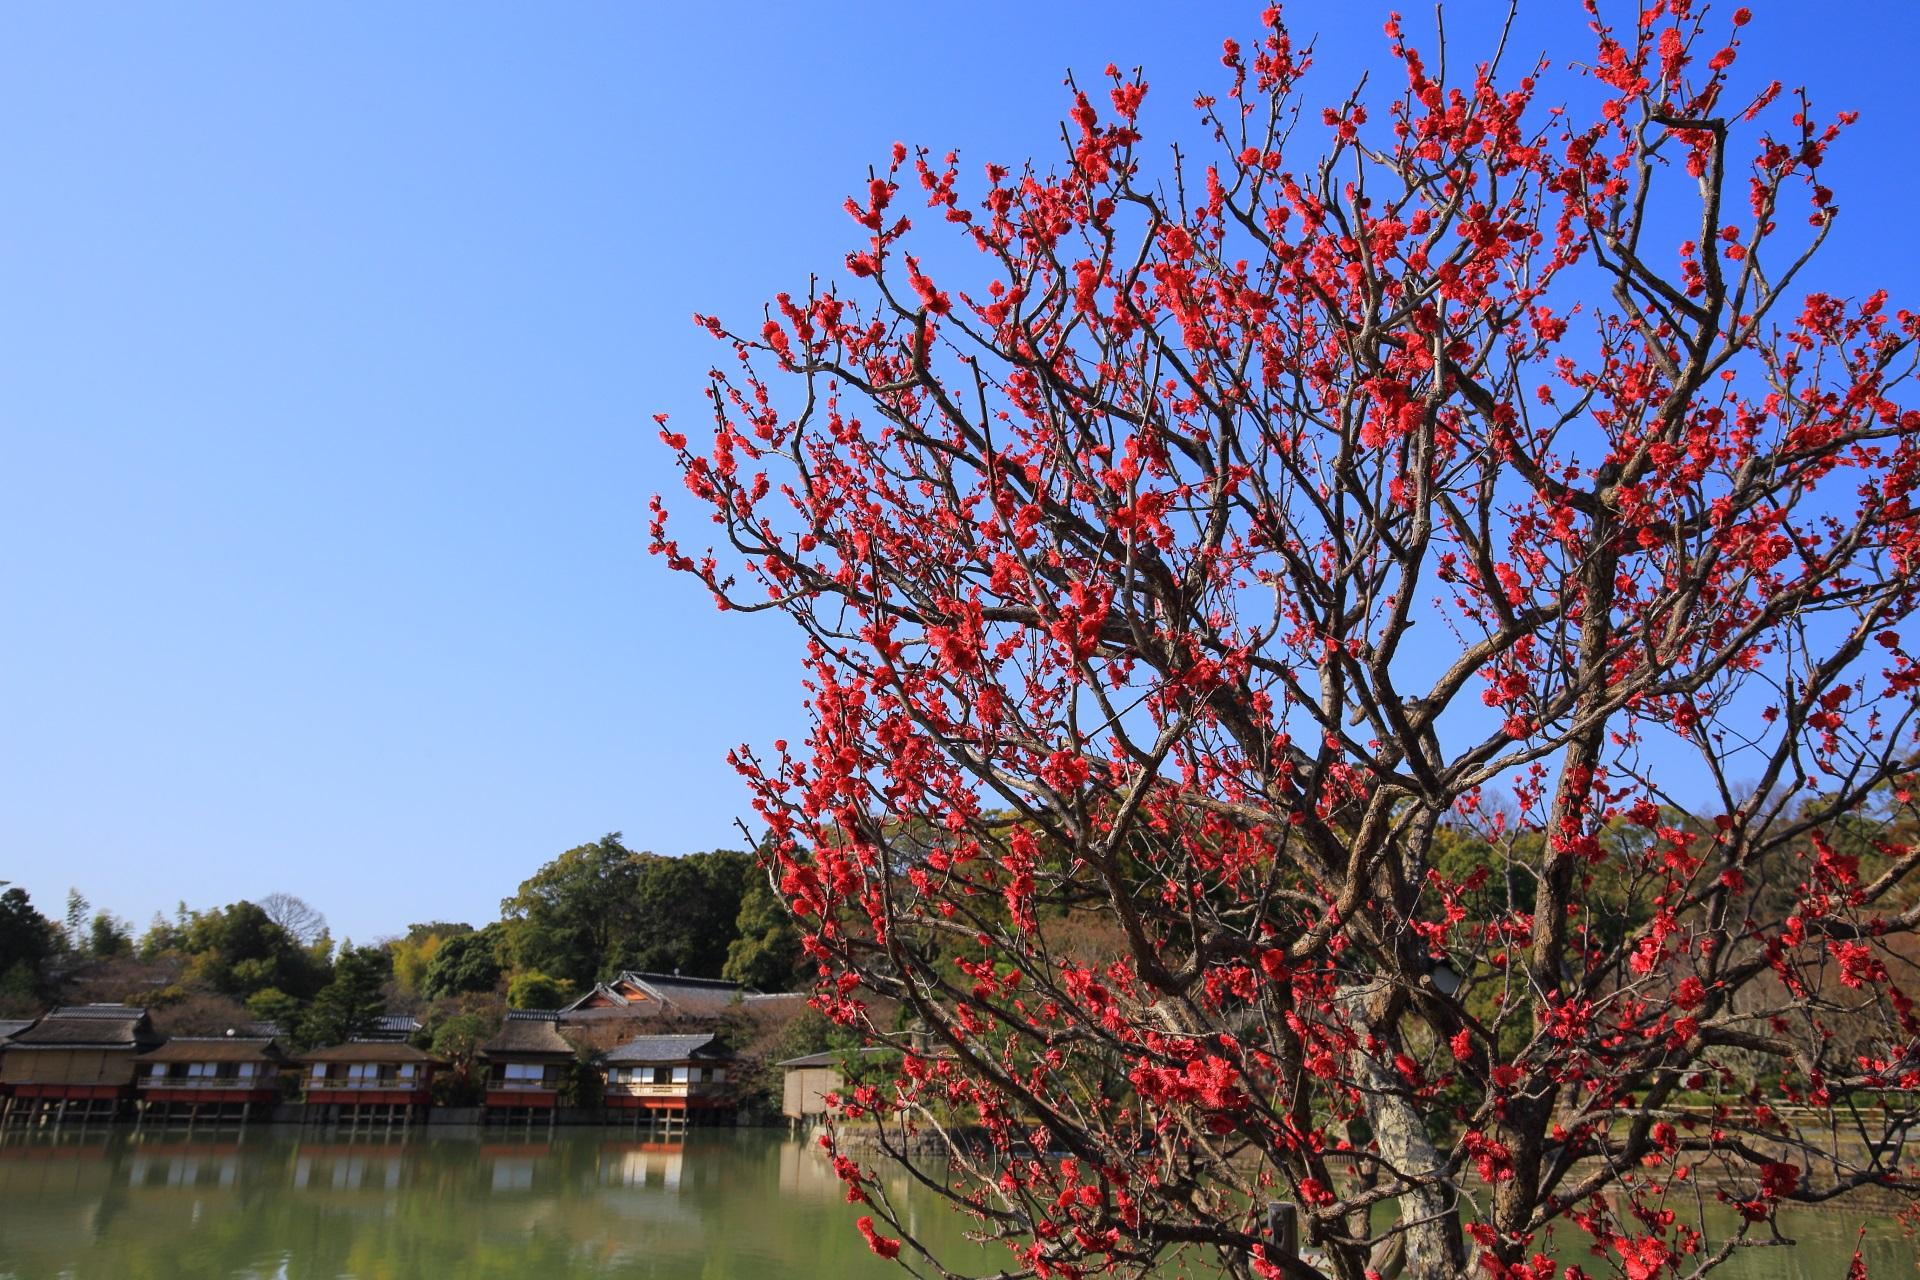 八条ヶ池と錦水亭を彩る水辺の梅